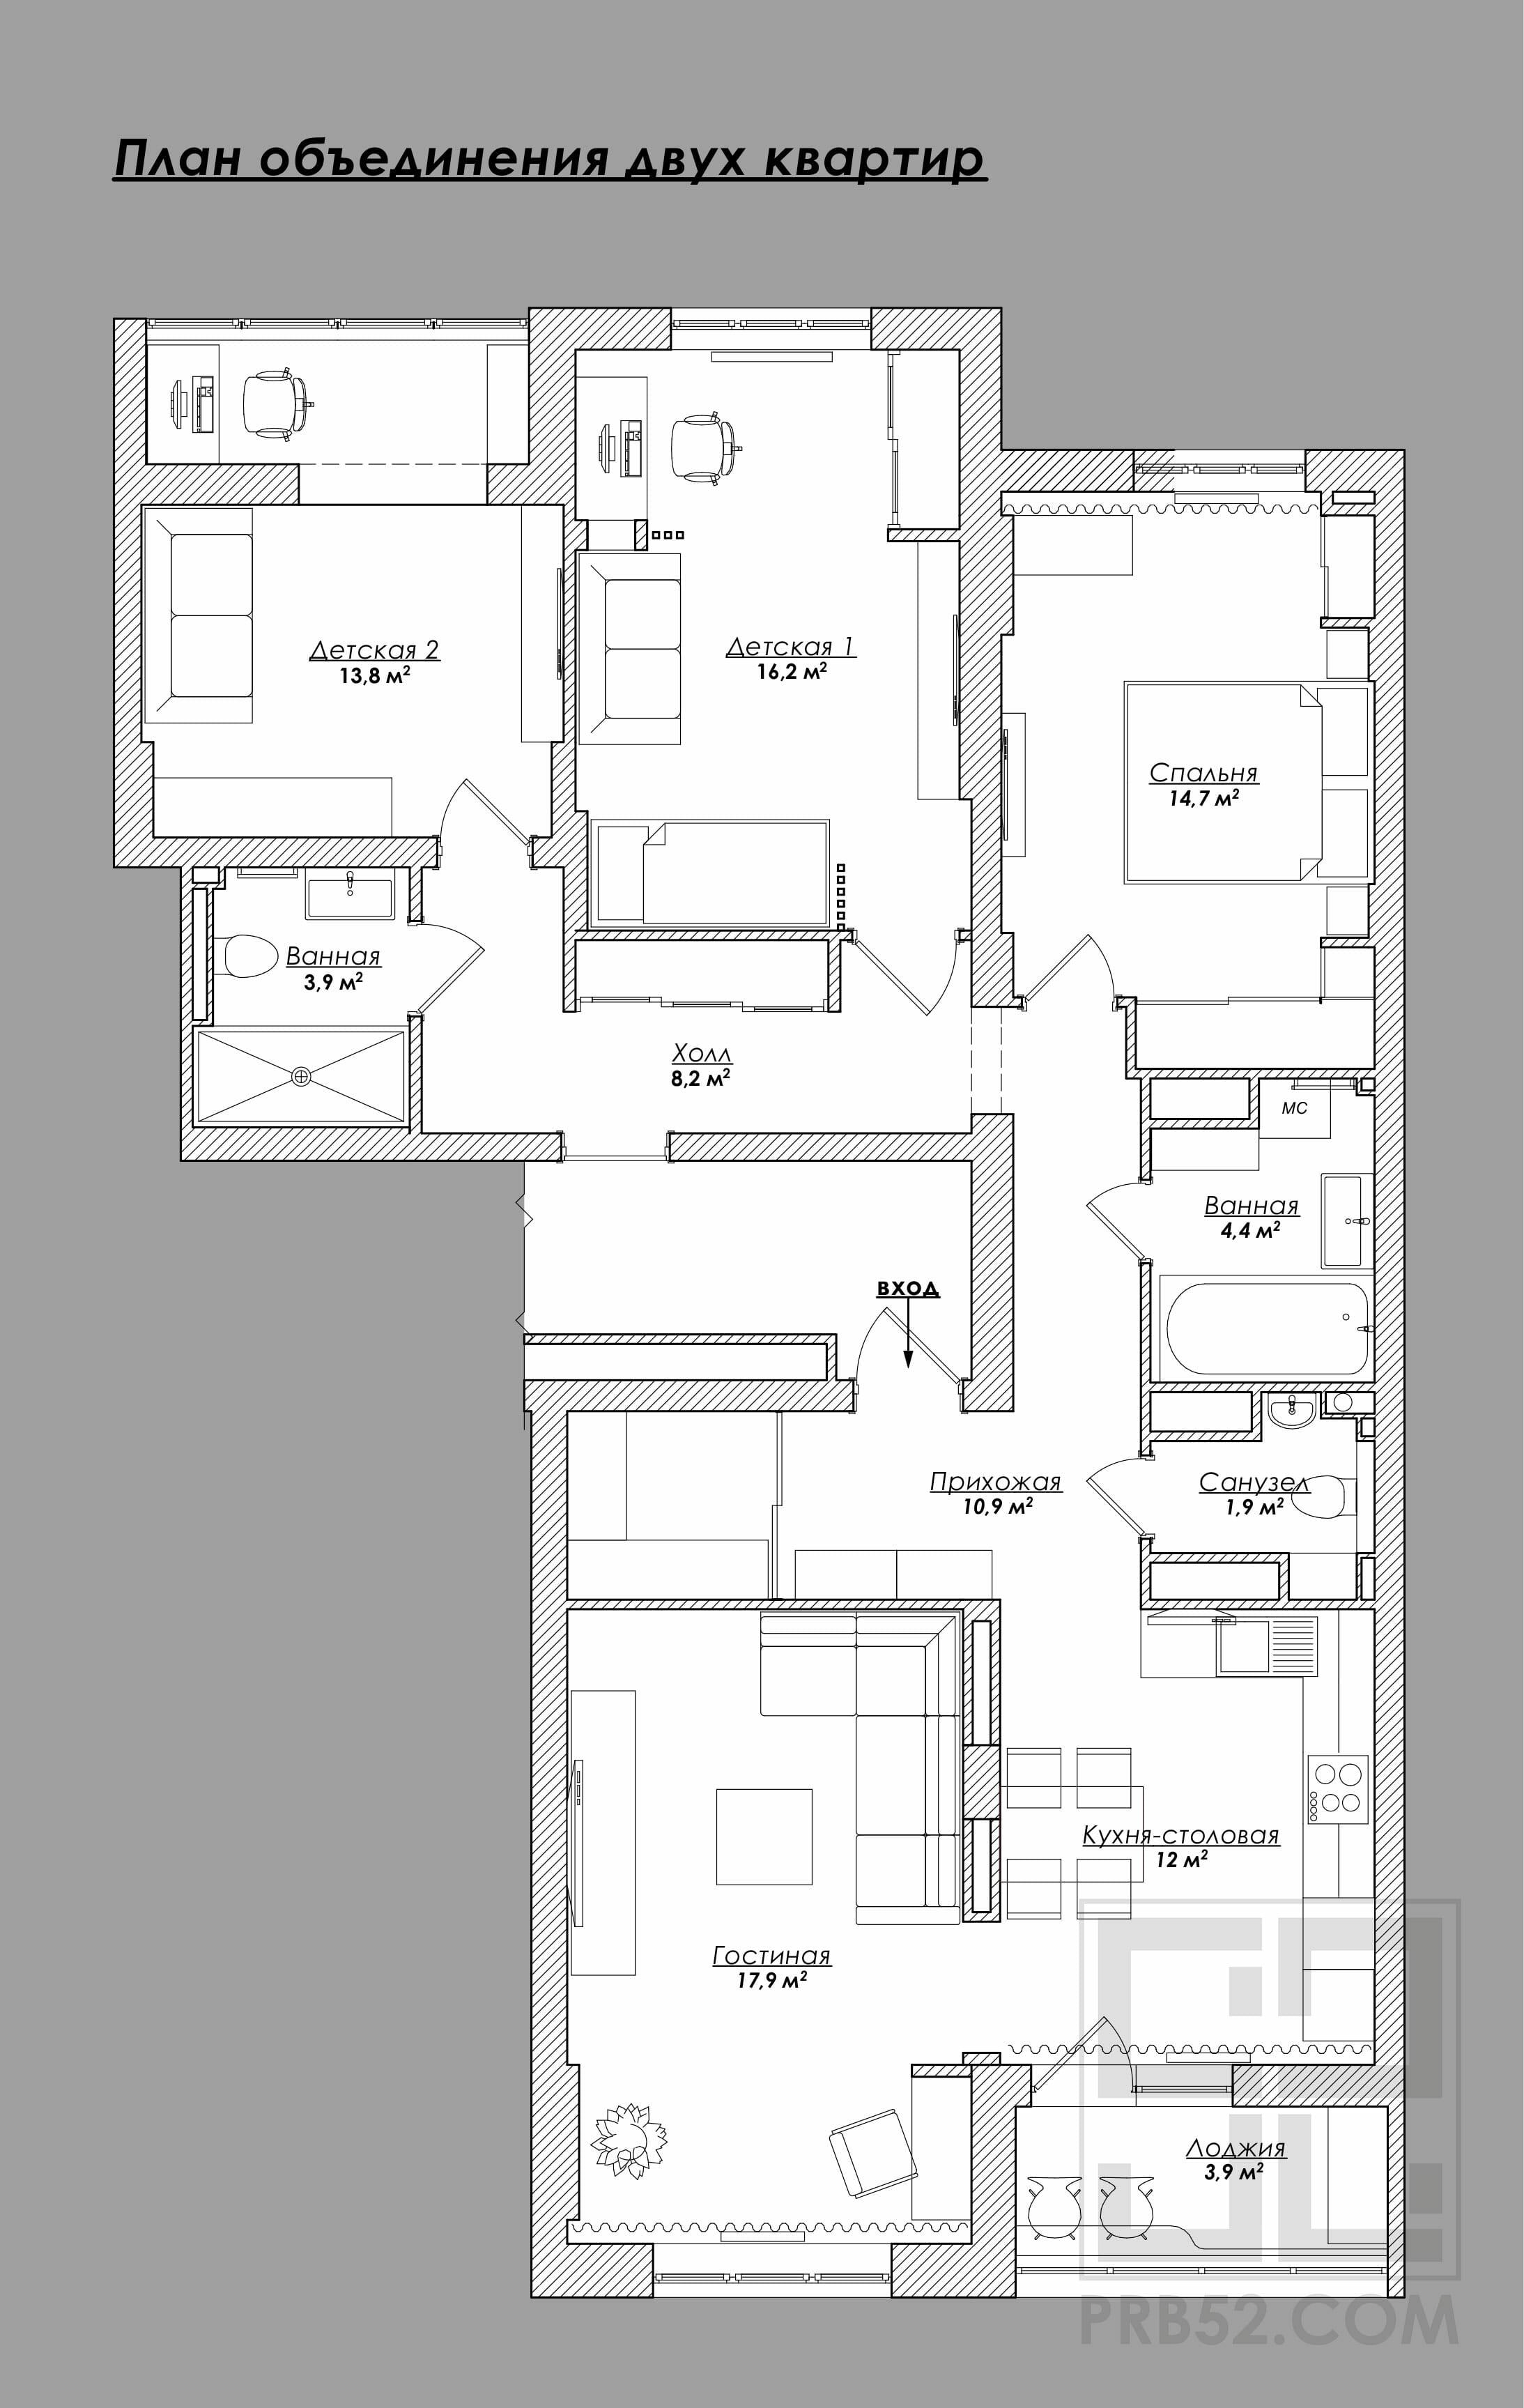 дизайн проект интерьера планы объединения квартир